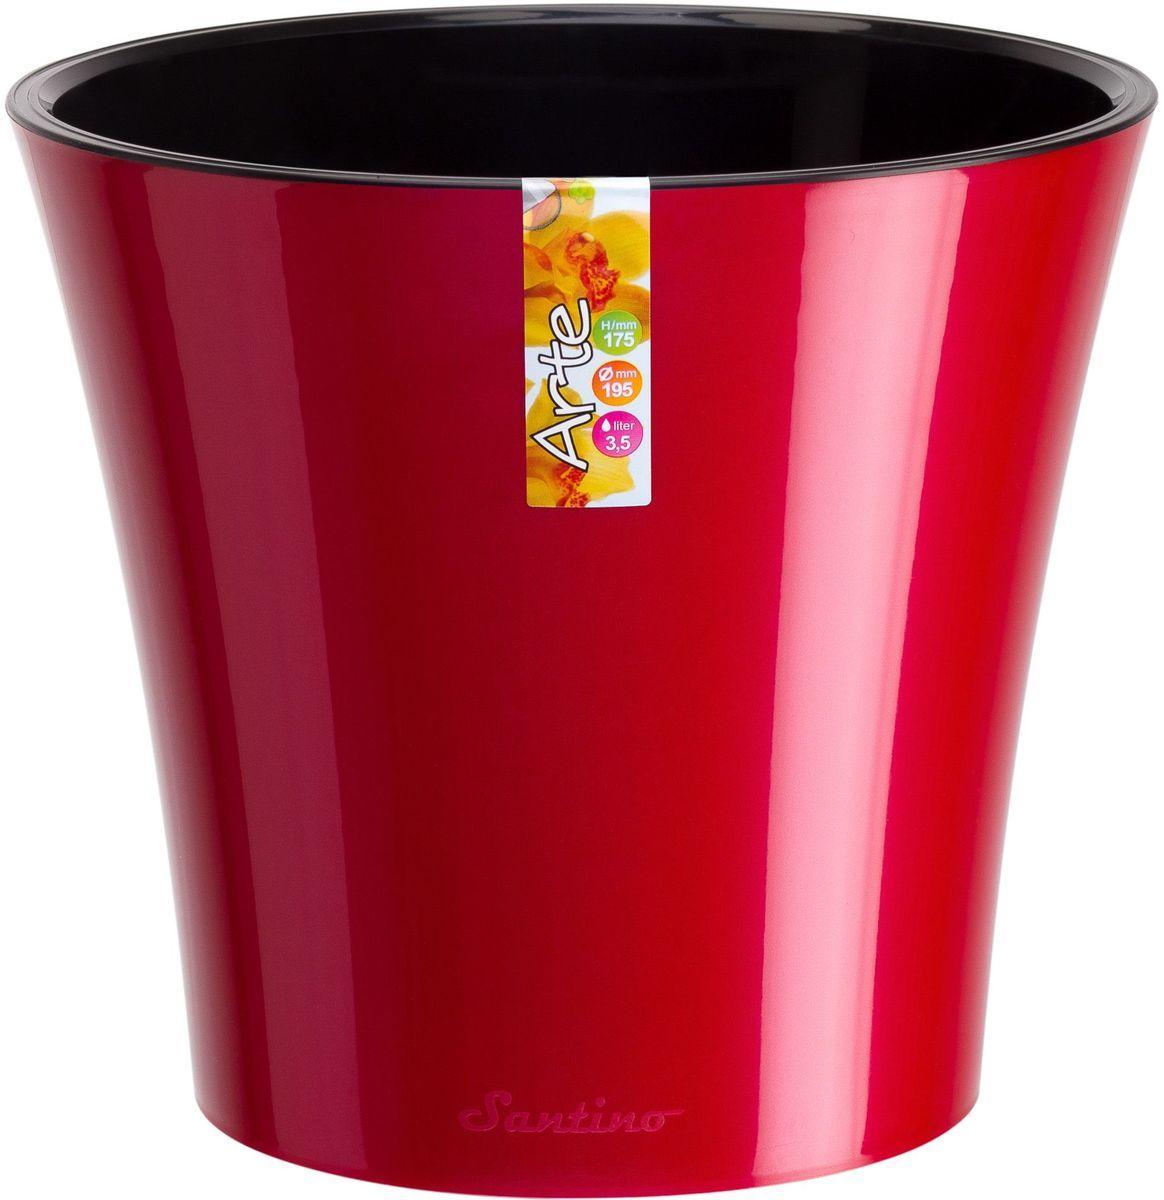 Горшок цветочный Santino Арте, двойной, с системой автополива, цвет: красный, черный, 3,5 лАРТ 3,5 К-ЧЛюбой, даже самый современный и продуманный интерьер будет незавершённым без растений. Они не только очищают воздух и насыщают его кислородом, но и украшают окружающее пространство. Такому полезному члену семьи просто необходим красивый и функциональный дом! Мы предлагаем #name#! Оптимальный выбор материала — пластмасса! Почему мы так считаем?Малый вес. С лёгкостью переносите горшки и кашпо с места на место, ставьте их на столики или полки, не беспокоясь о нагрузке. Простота ухода. Кашпо не нуждается в специальных условиях хранения. Его легко чистить — достаточно просто сполоснуть тёплой водой. Никаких потёртостей. Такие кашпо не царапают и не загрязняют поверхности, на которых стоят. Пластик дольше хранит влагу, а значит, растение реже нуждается в поливе. Пластмасса не пропускает воздух — корневой системе растения не грозят резкие перепады температур. Огромный выбор форм, декора и расцветок — вы без труда найдёте что-то, что идеально впишется в уже существующий интерьер. Соблюдая нехитрые правила ухода, вы можете заметно продлить срок службы горшков и кашпо из пластика:всегда учитывайте размер кроны и корневой системы (при разрастании большое растение способно повредить маленький горшок)берегите изделие от воздействия прямых солнечных лучей, чтобы горшки не выцветалидержите кашпо из пластика подальше от нагревающихся поверхностей. Создавайте прекрасные цветочные композиции, выращивайте рассаду или необычные растения.